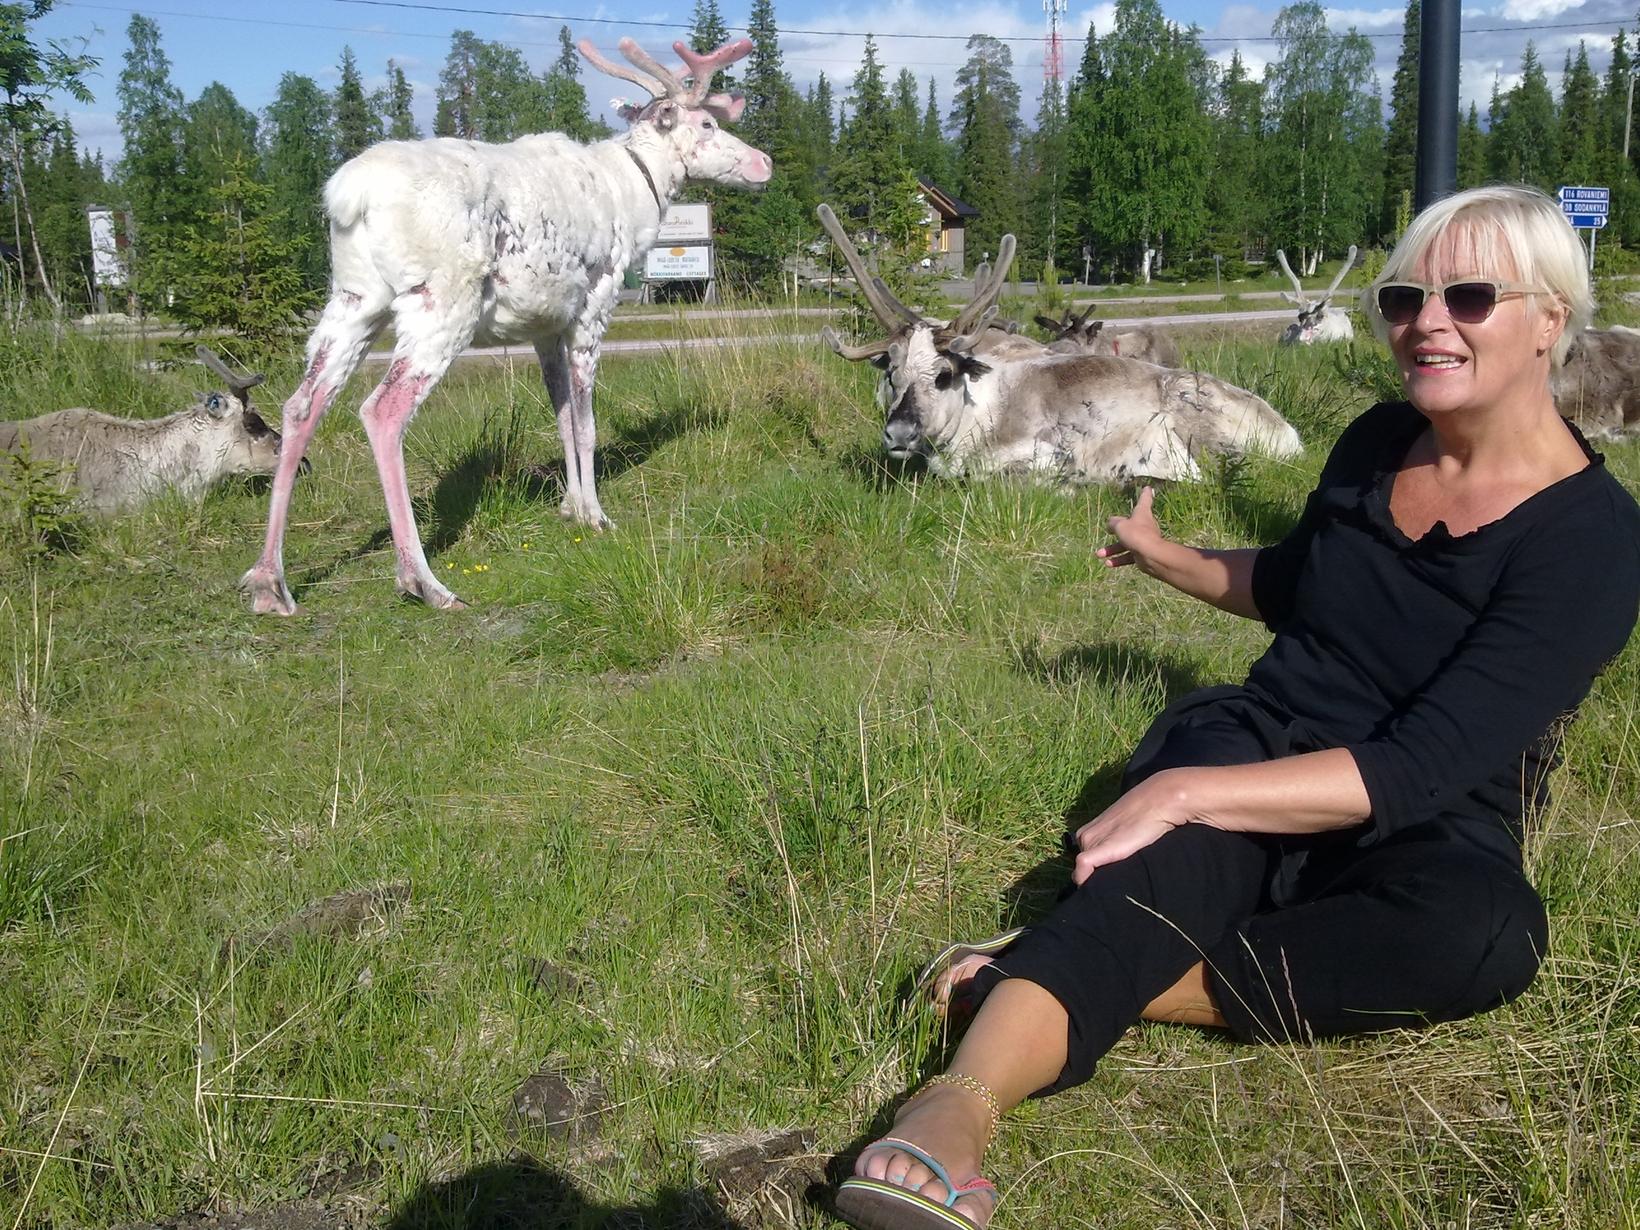 Minna from Helsinki, Finland